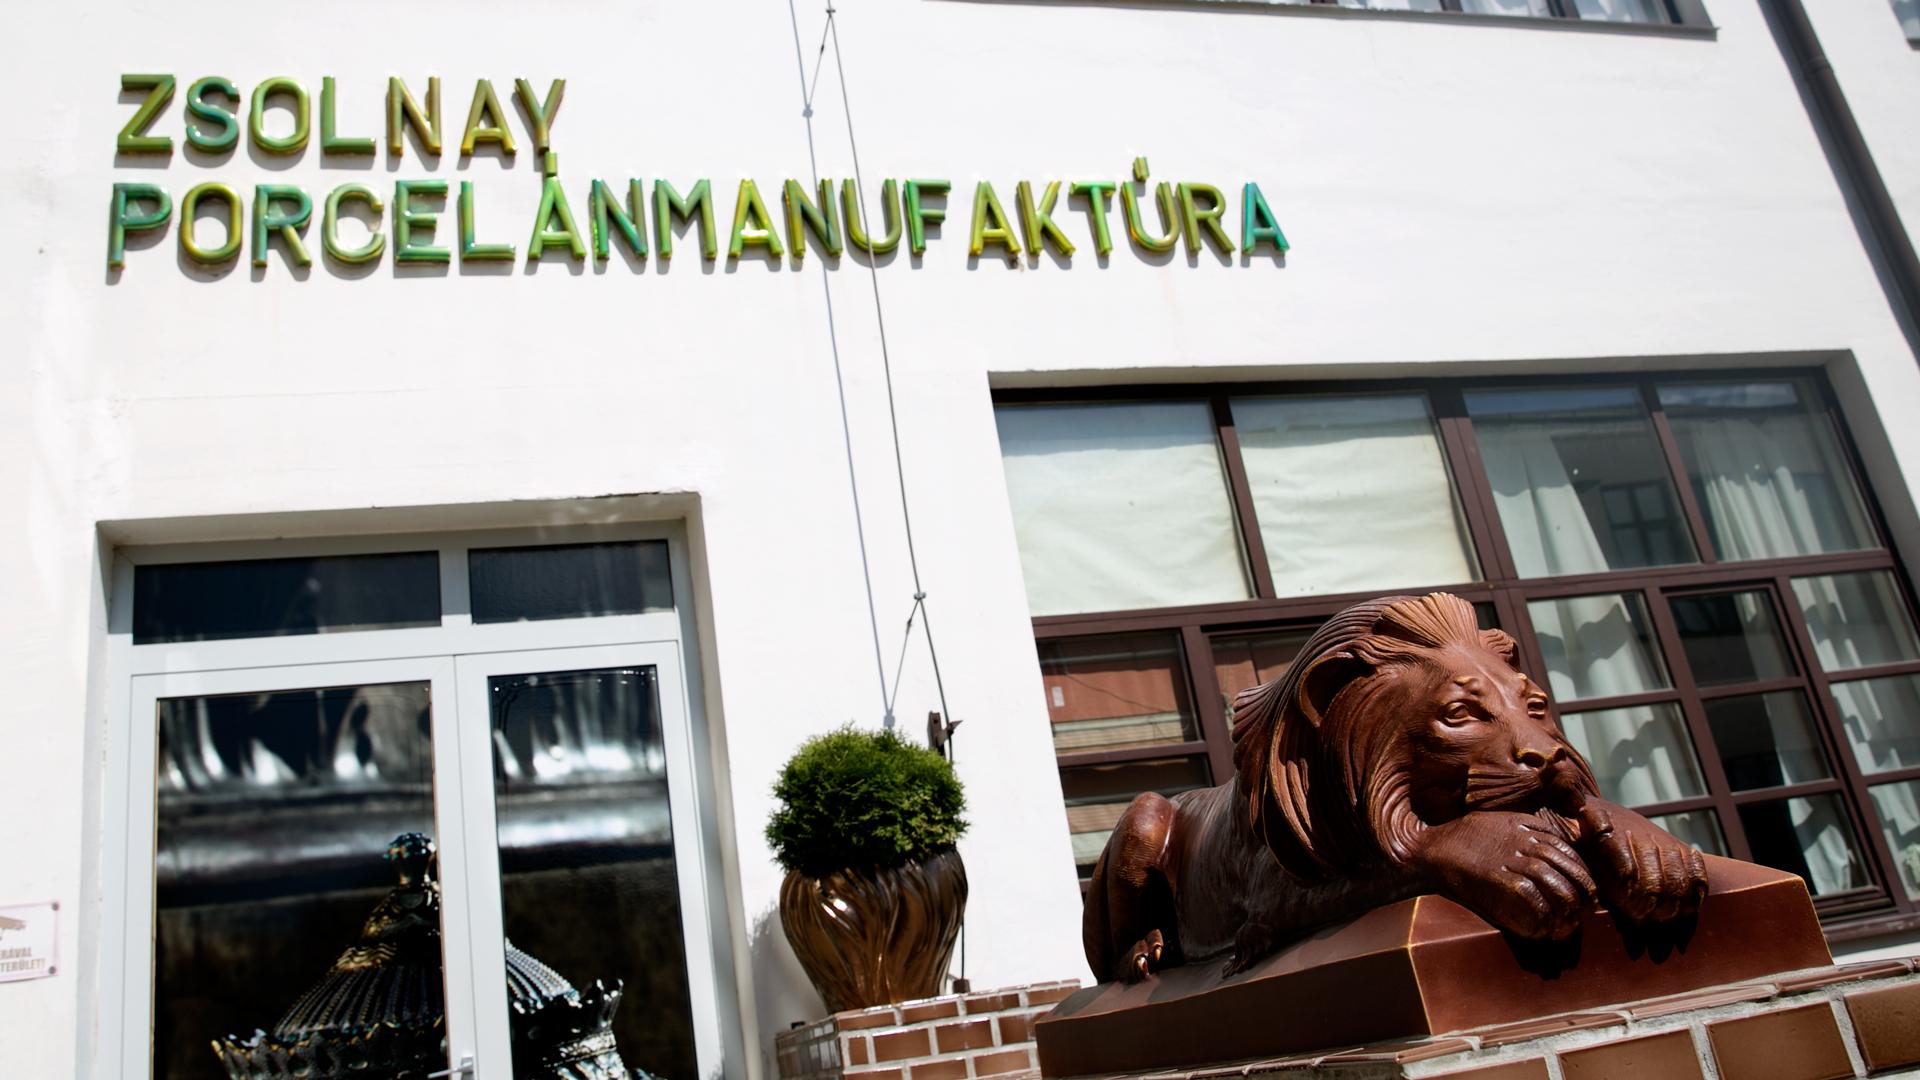 Megszüntették a felszámolást Zsolnay Porcelánmanufaktúra ellen